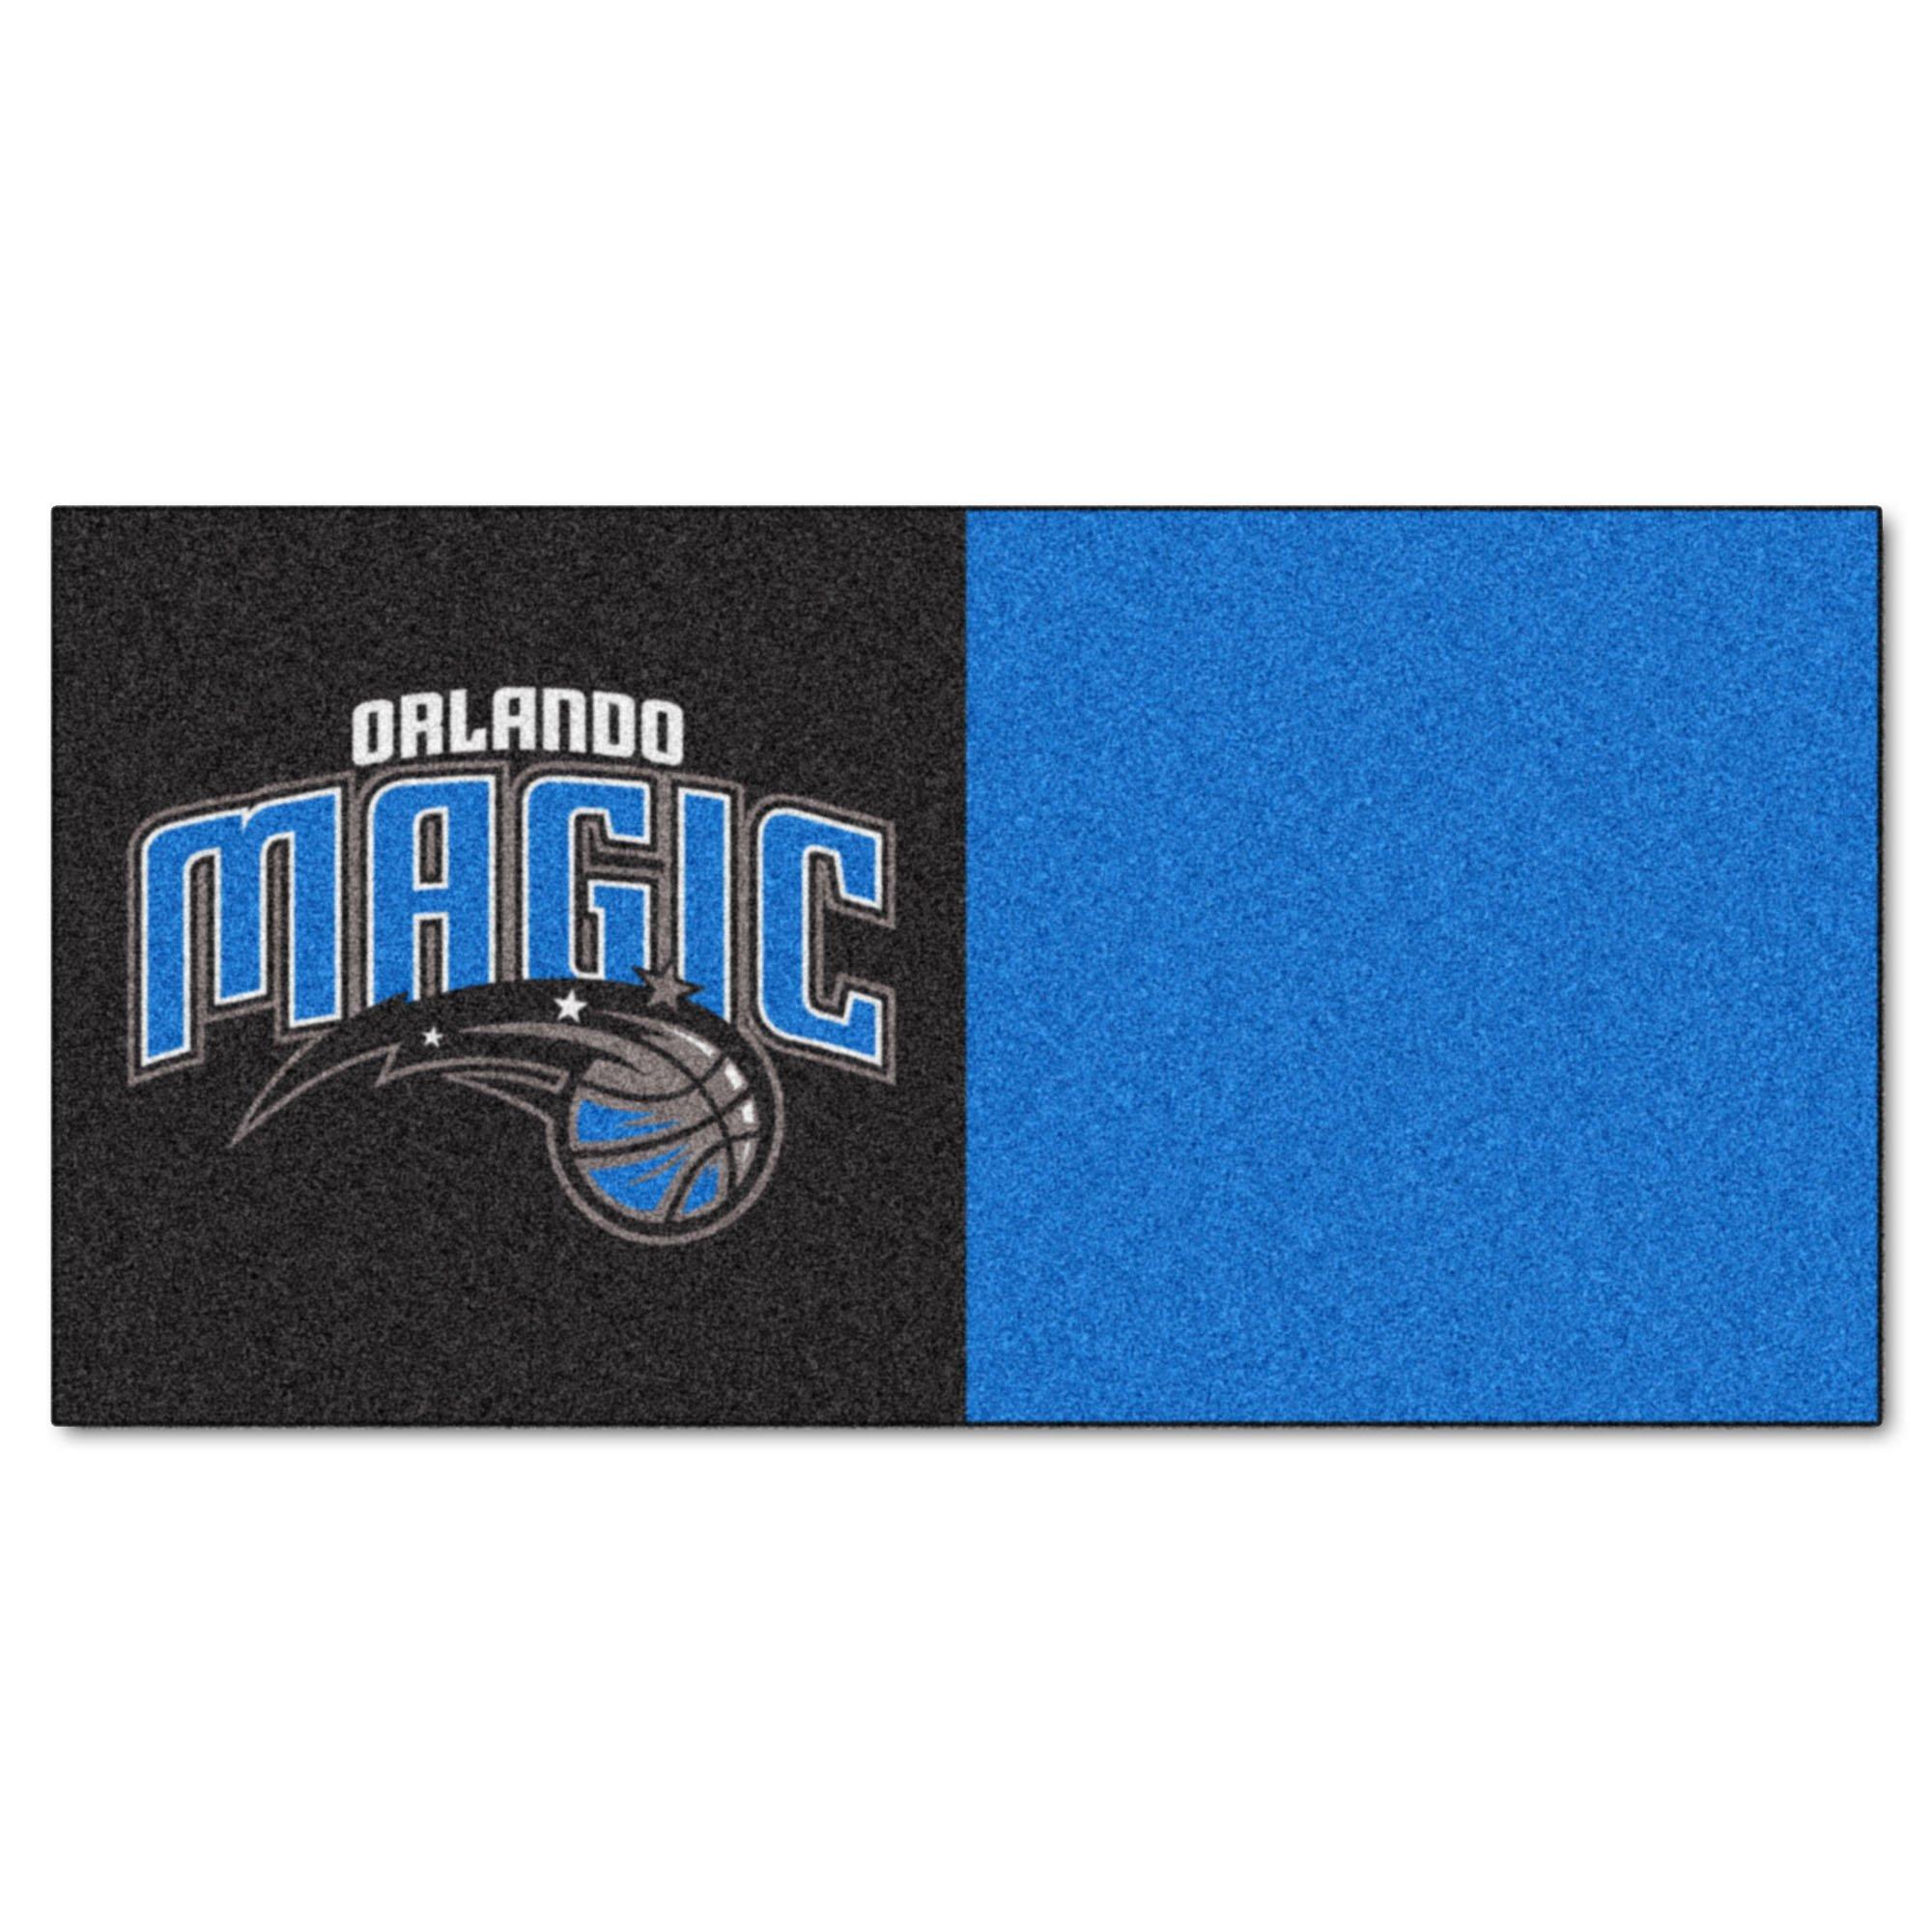 FANMATS NBA Orlando Magic Nylon Face Team Carpet Tiles